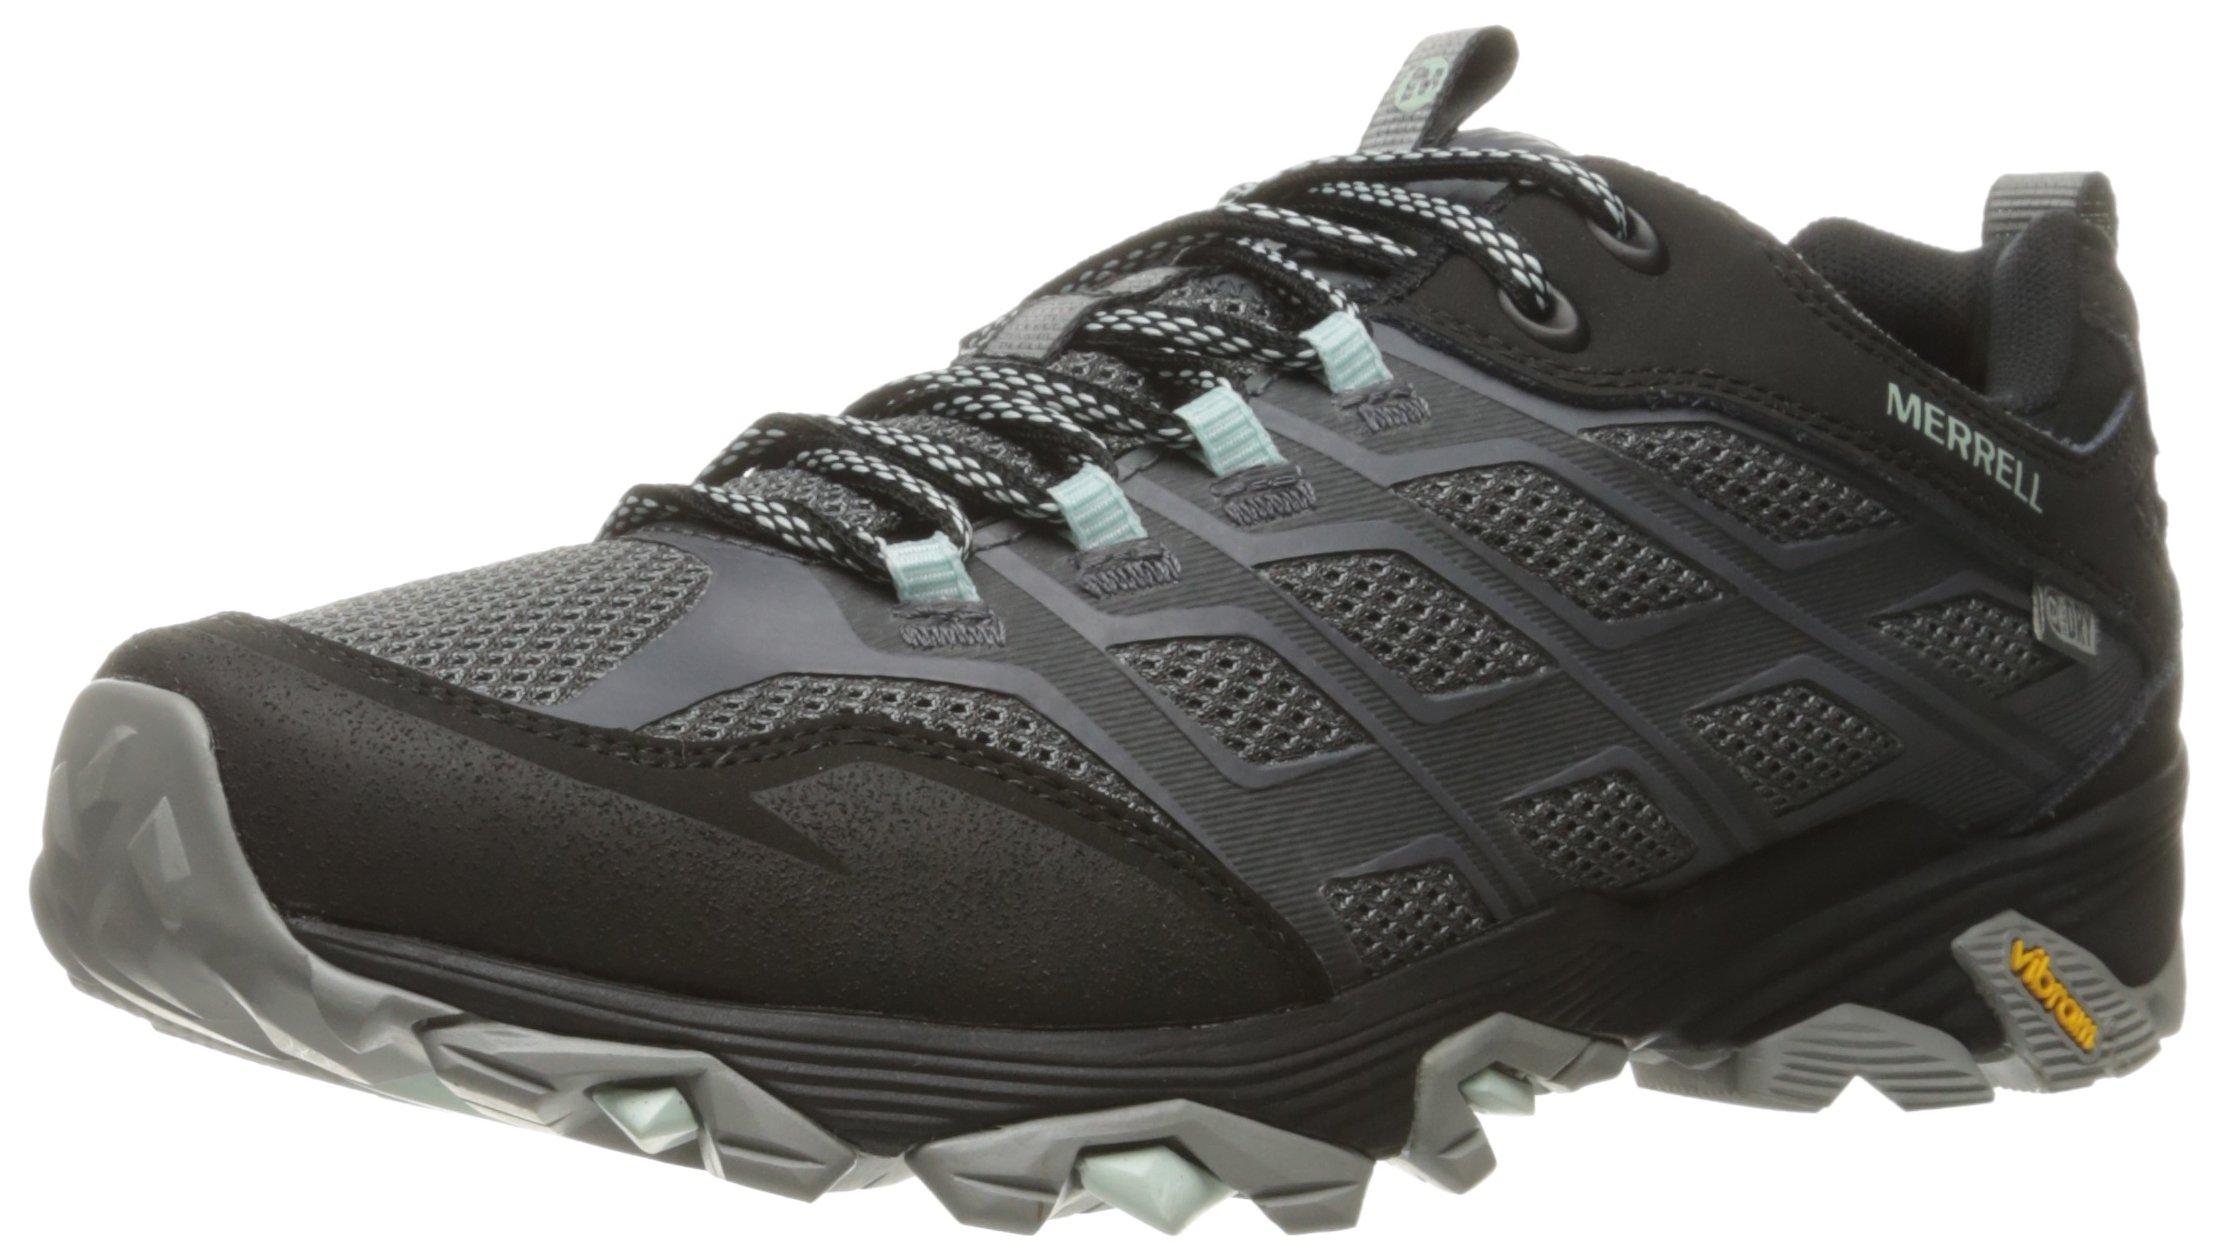 Merrell Women's Moab FST Waterproof Hiking Shoe, Granite, 9 M US